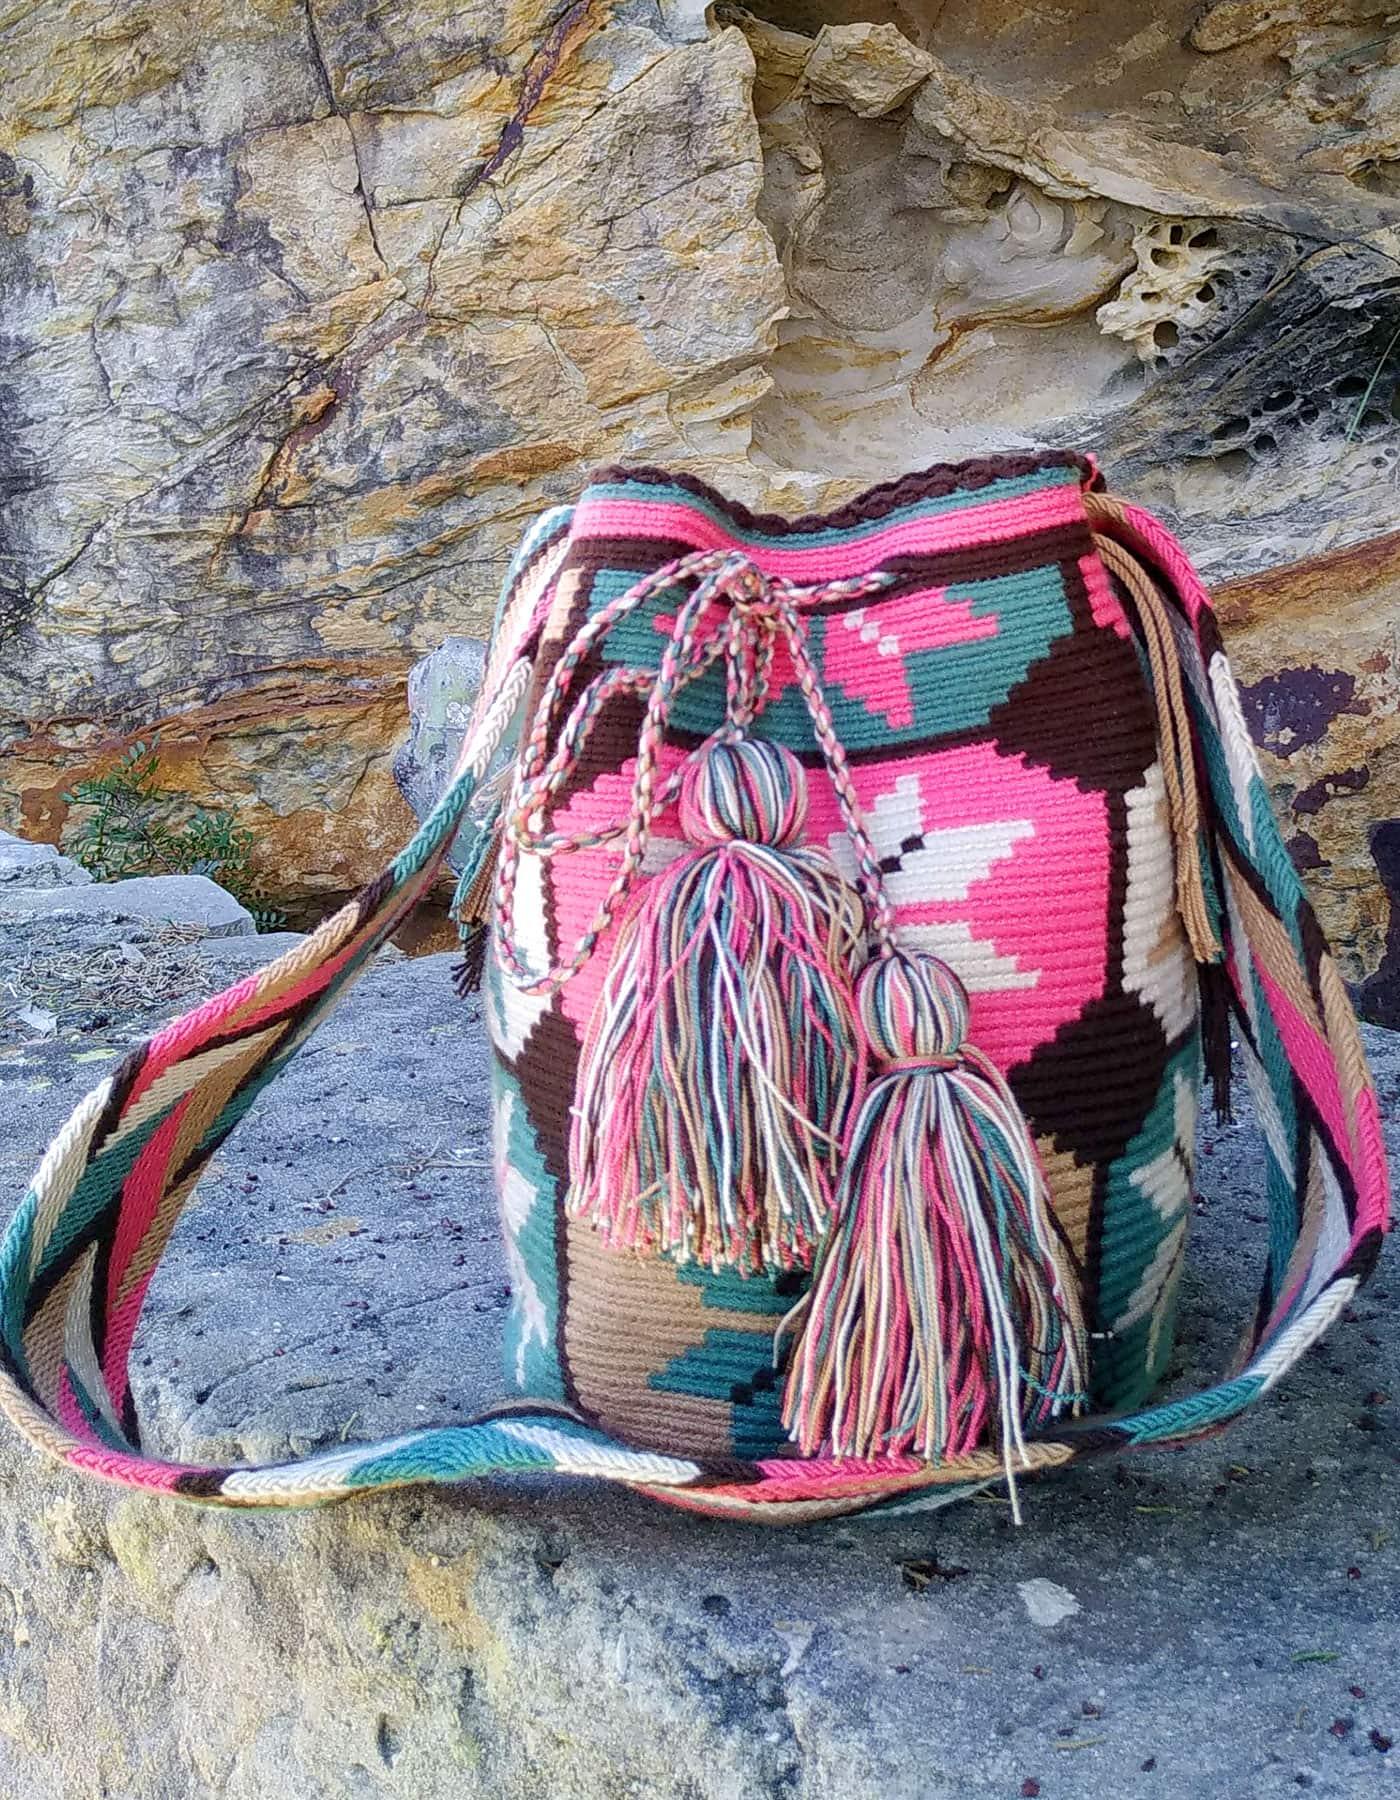 Bolso Wayuu Artesanal, Auténtico y Original (sólo 1 igual) con motivos tribales, azul, azul verdoso, rosa, beige o beis, marrón oscuro y blanco B